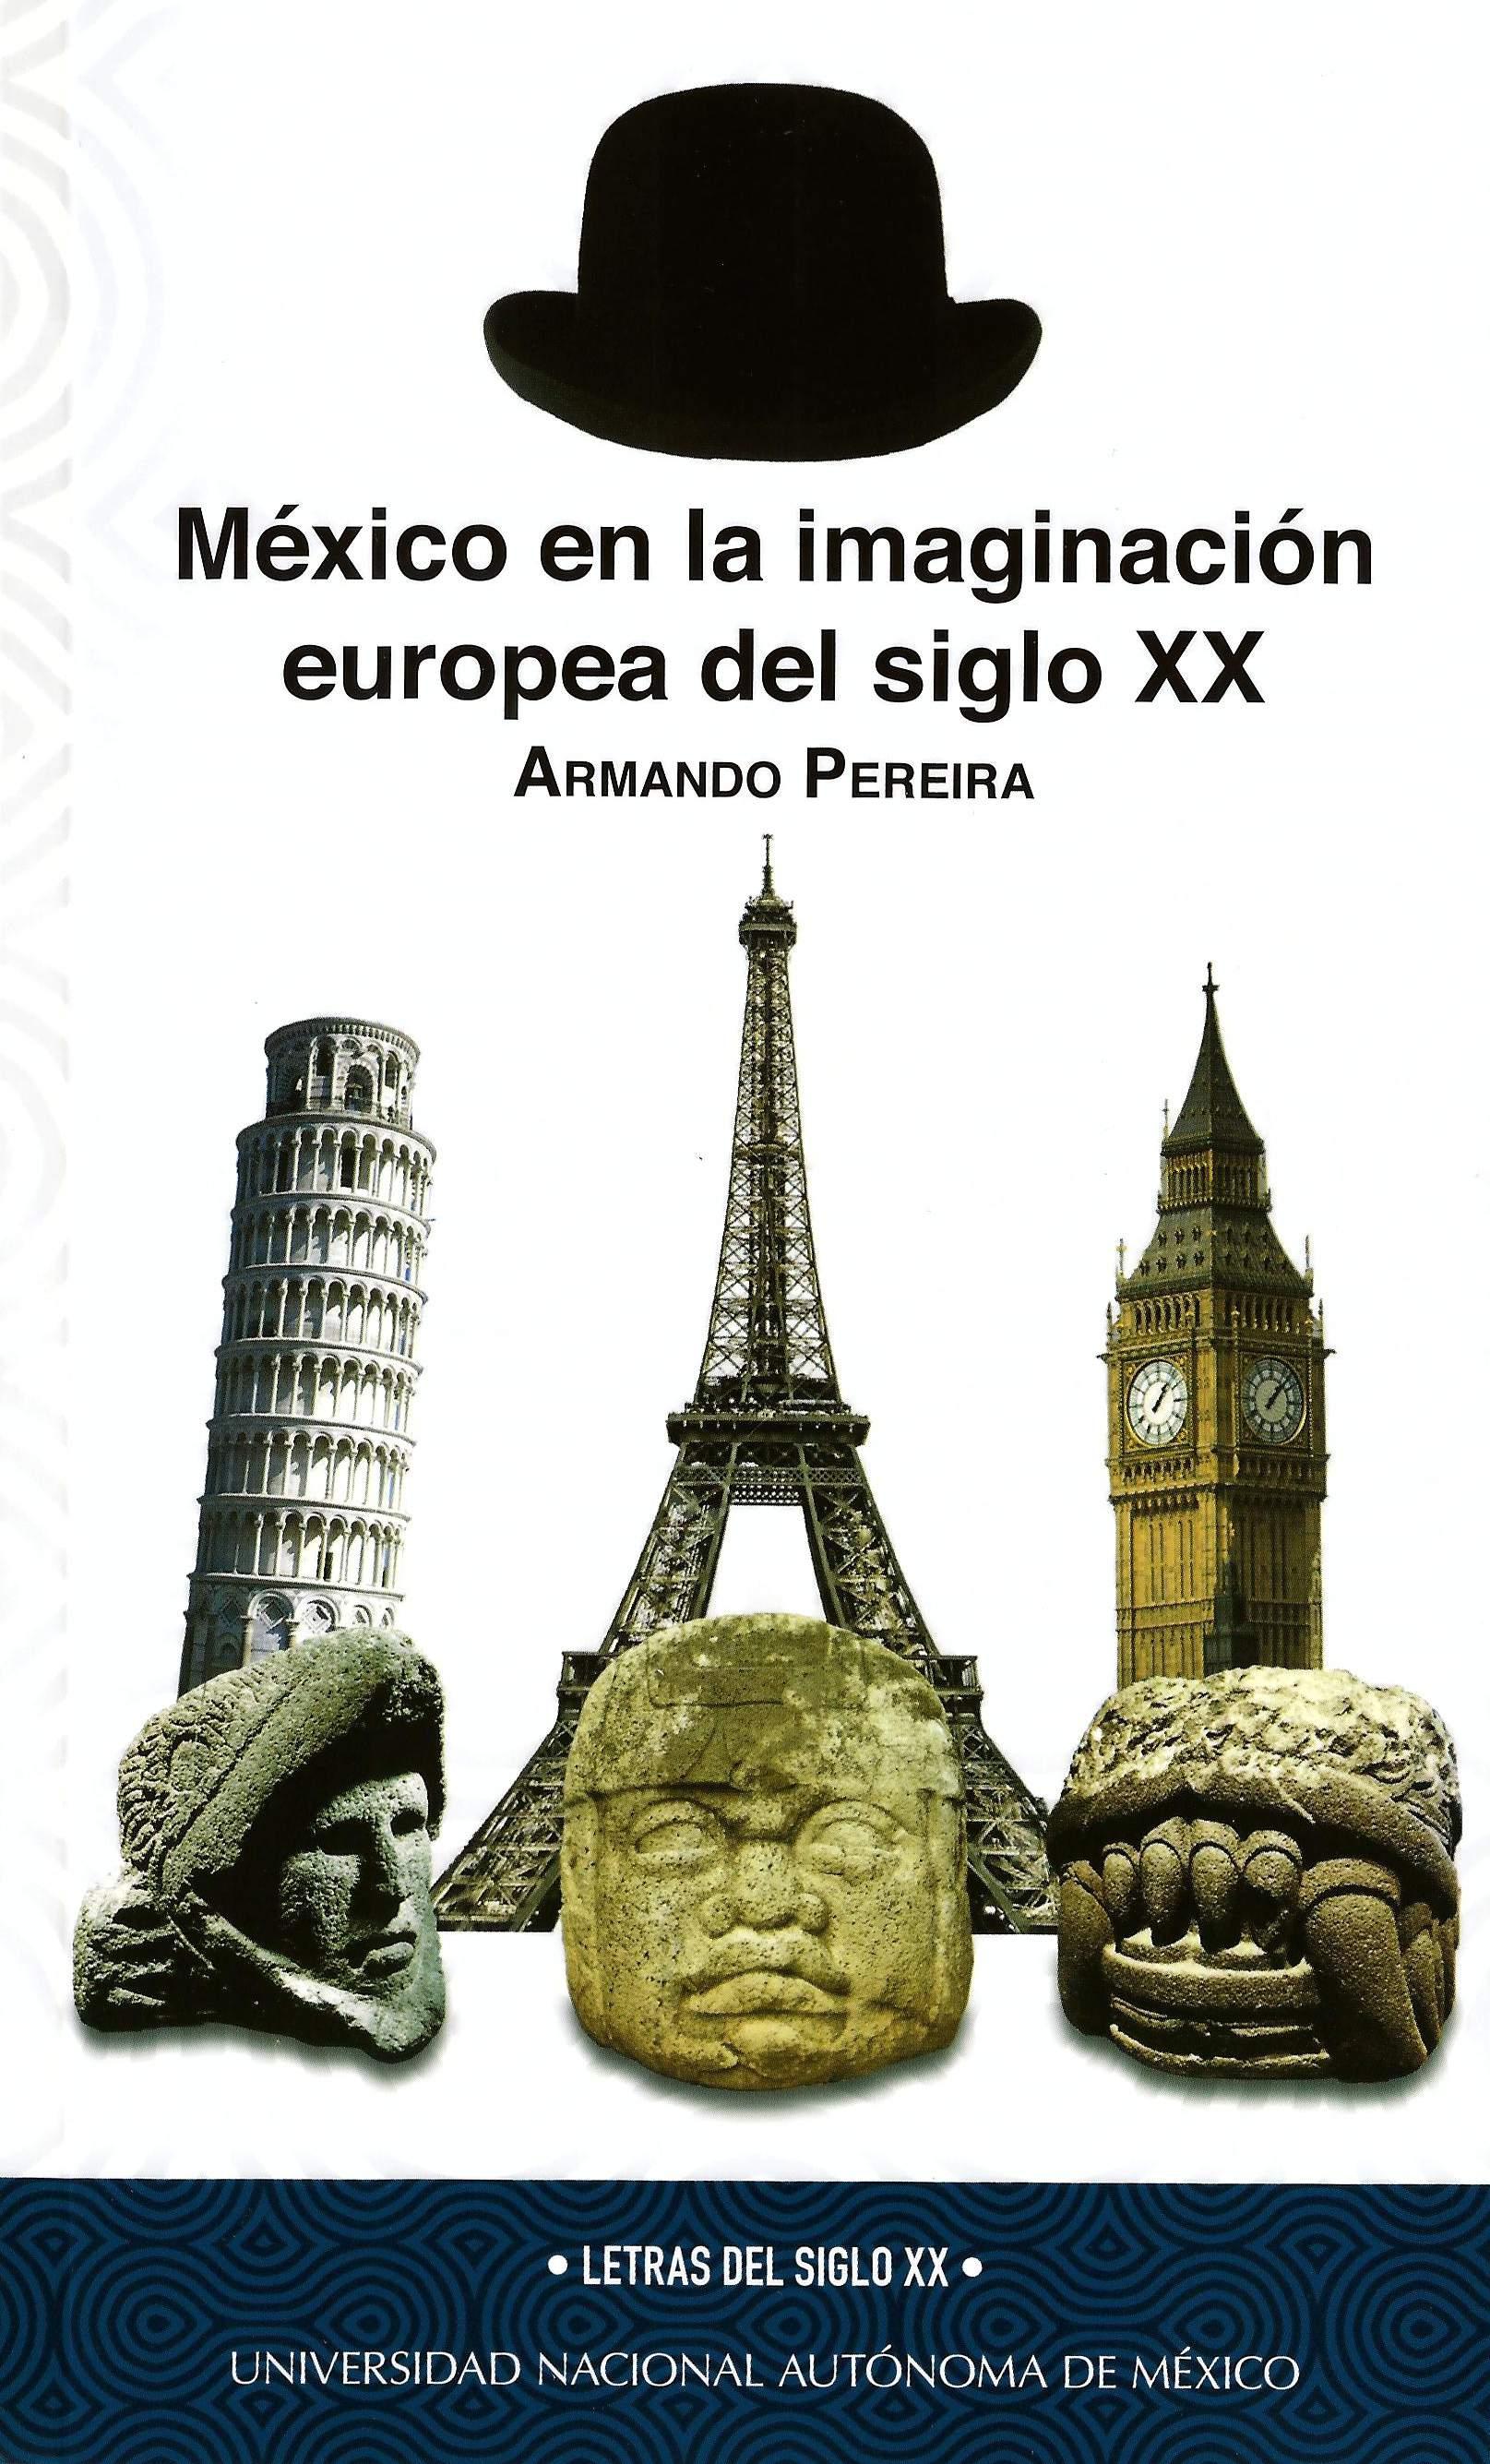 México en la imaginación europea del siglo XX